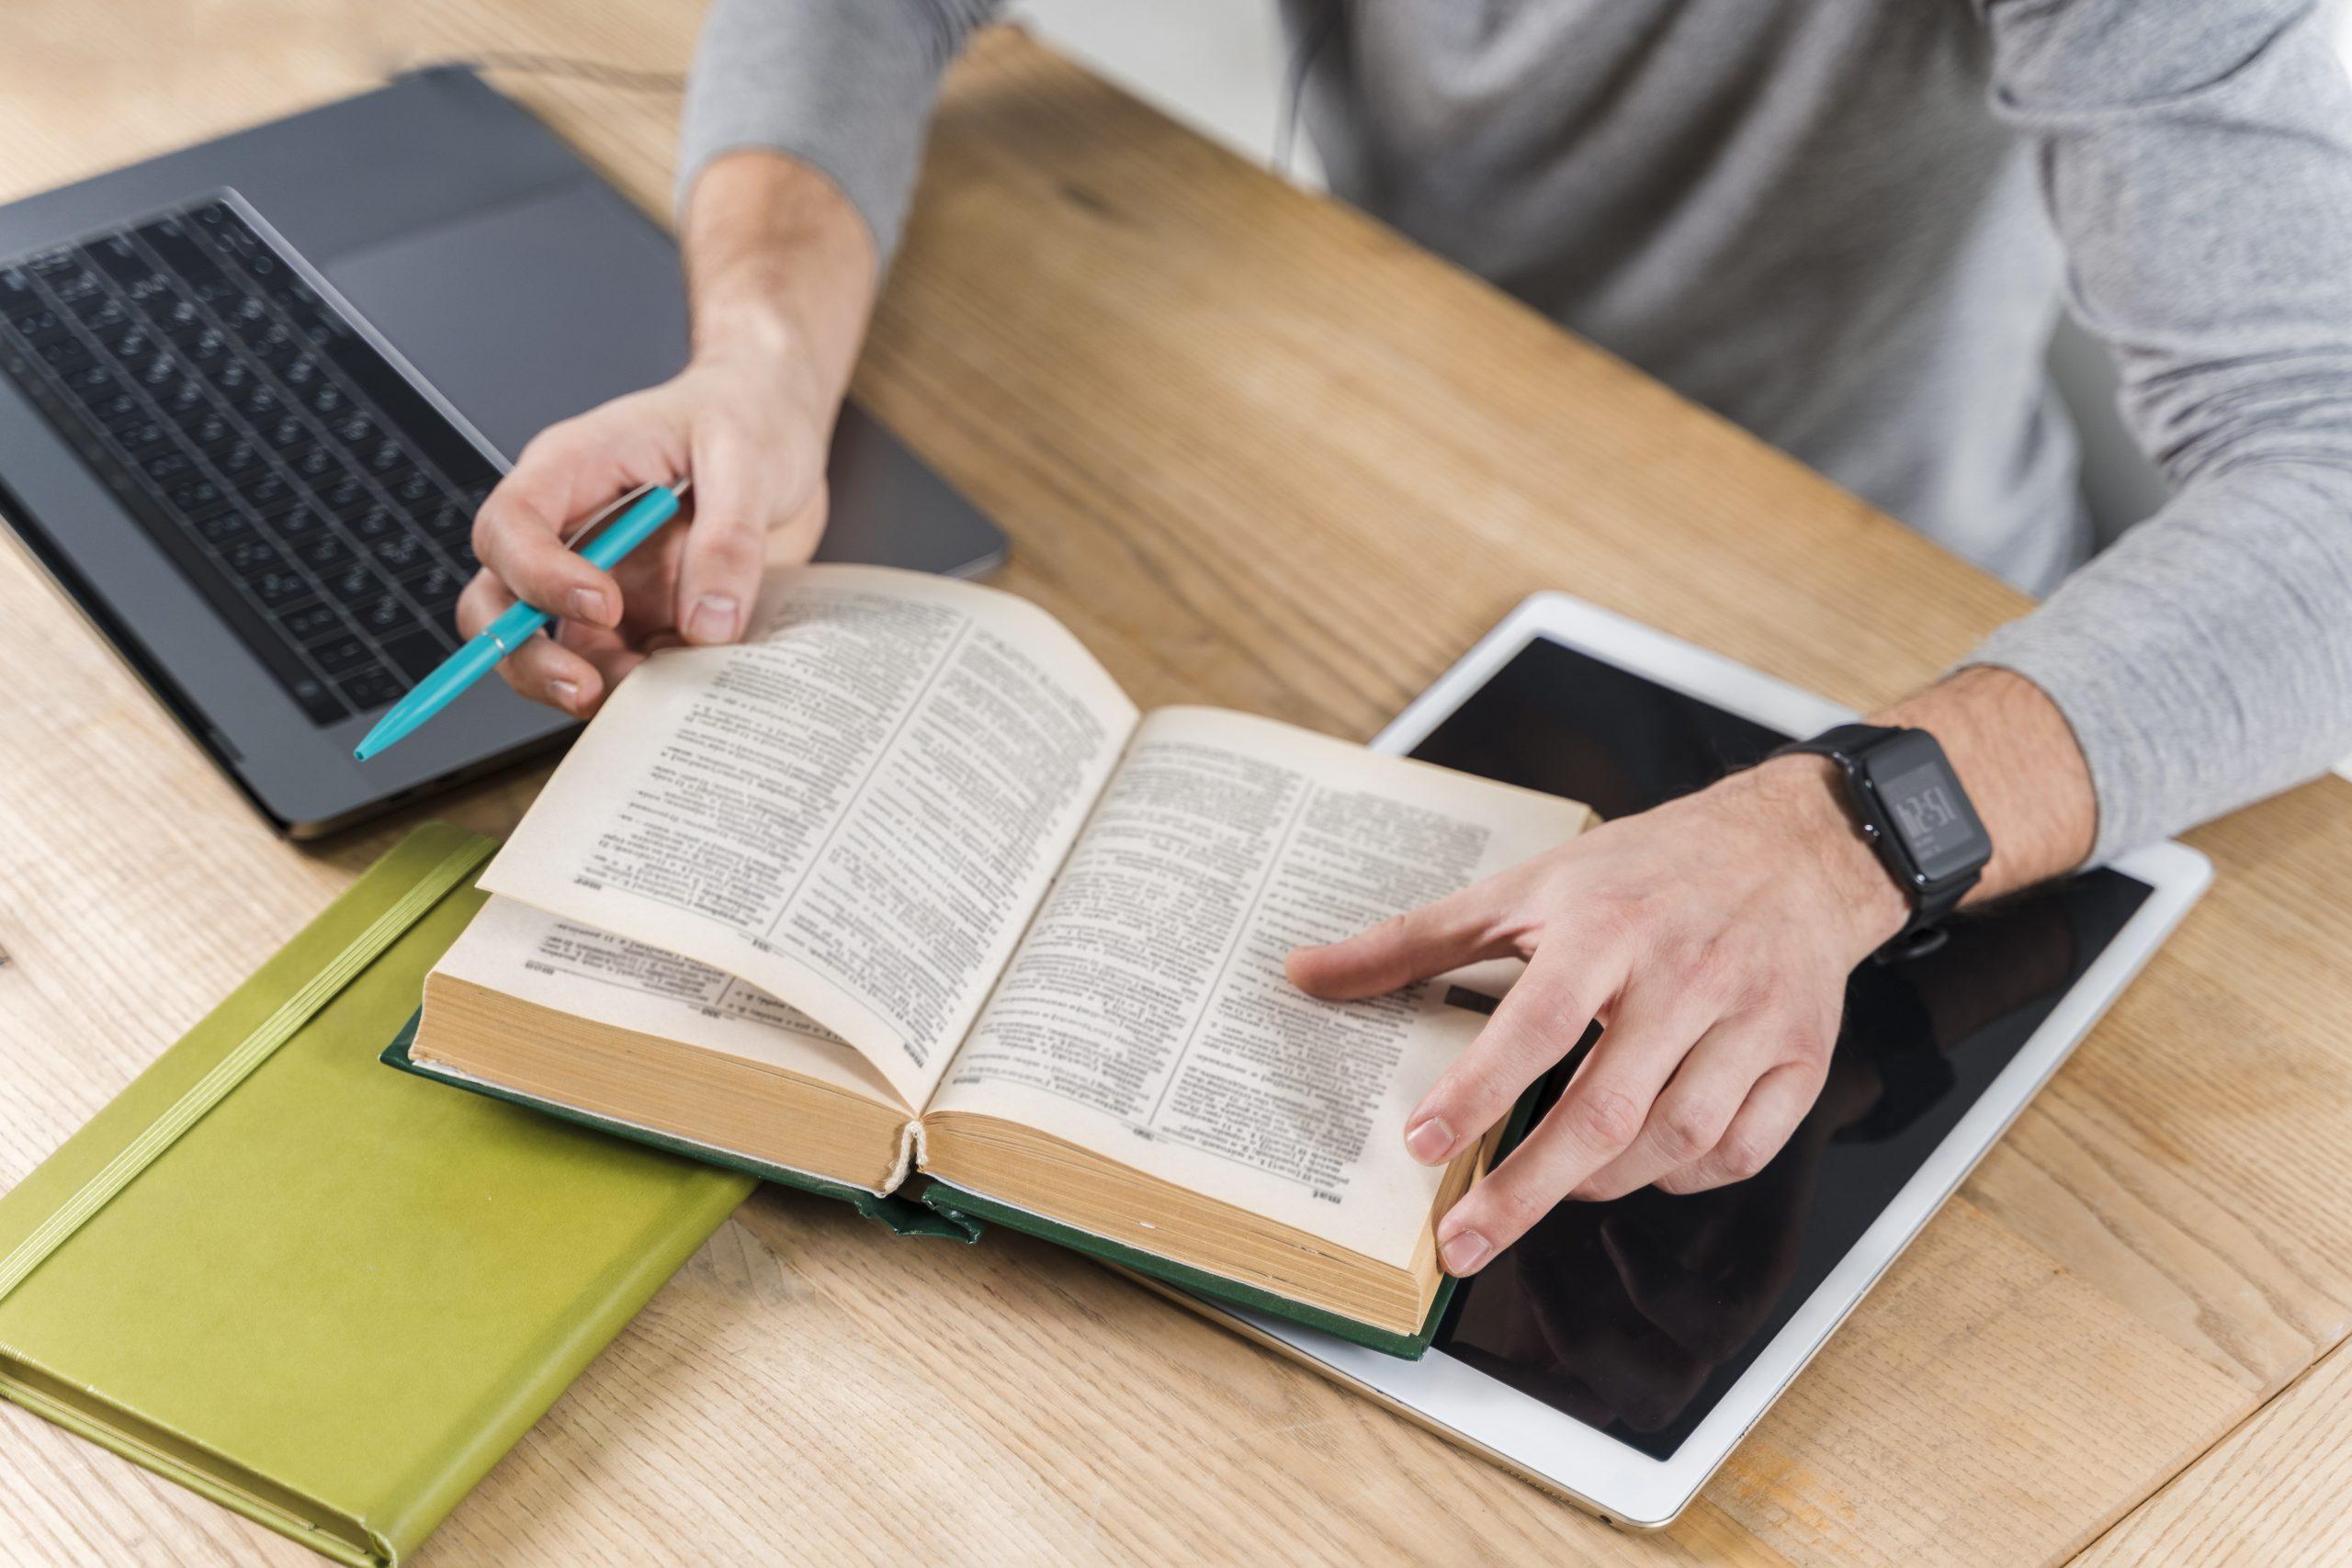 21.Yüzyıl öğretmenleri için mini sözlük